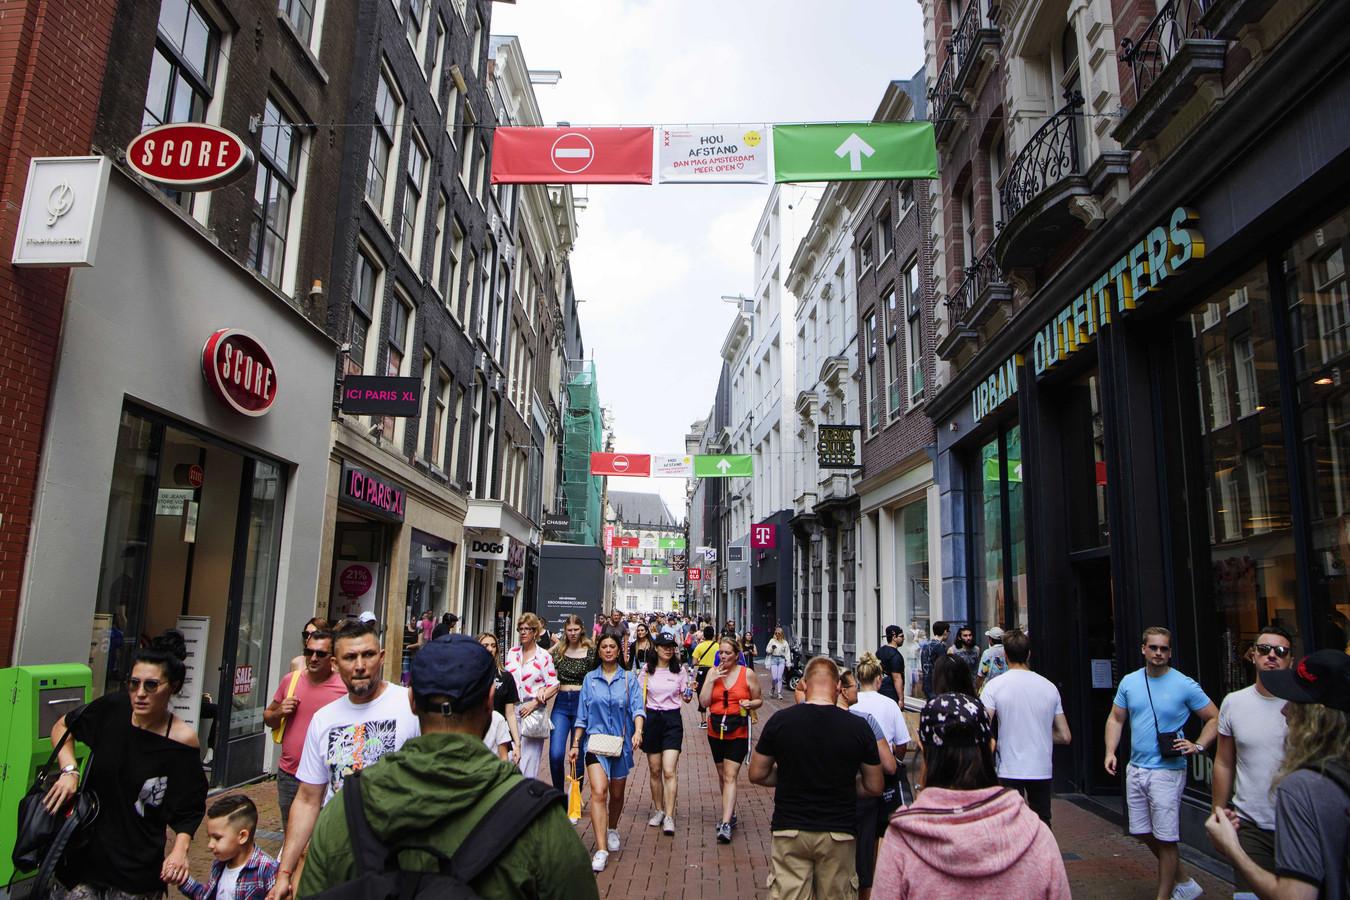 Winkelend publiek in de Kalverstraat. De Veiligheidsregio Amsterdam-Amstelland neemt extra maatregelen vanwege de toenemende drukte in de binnenstad.